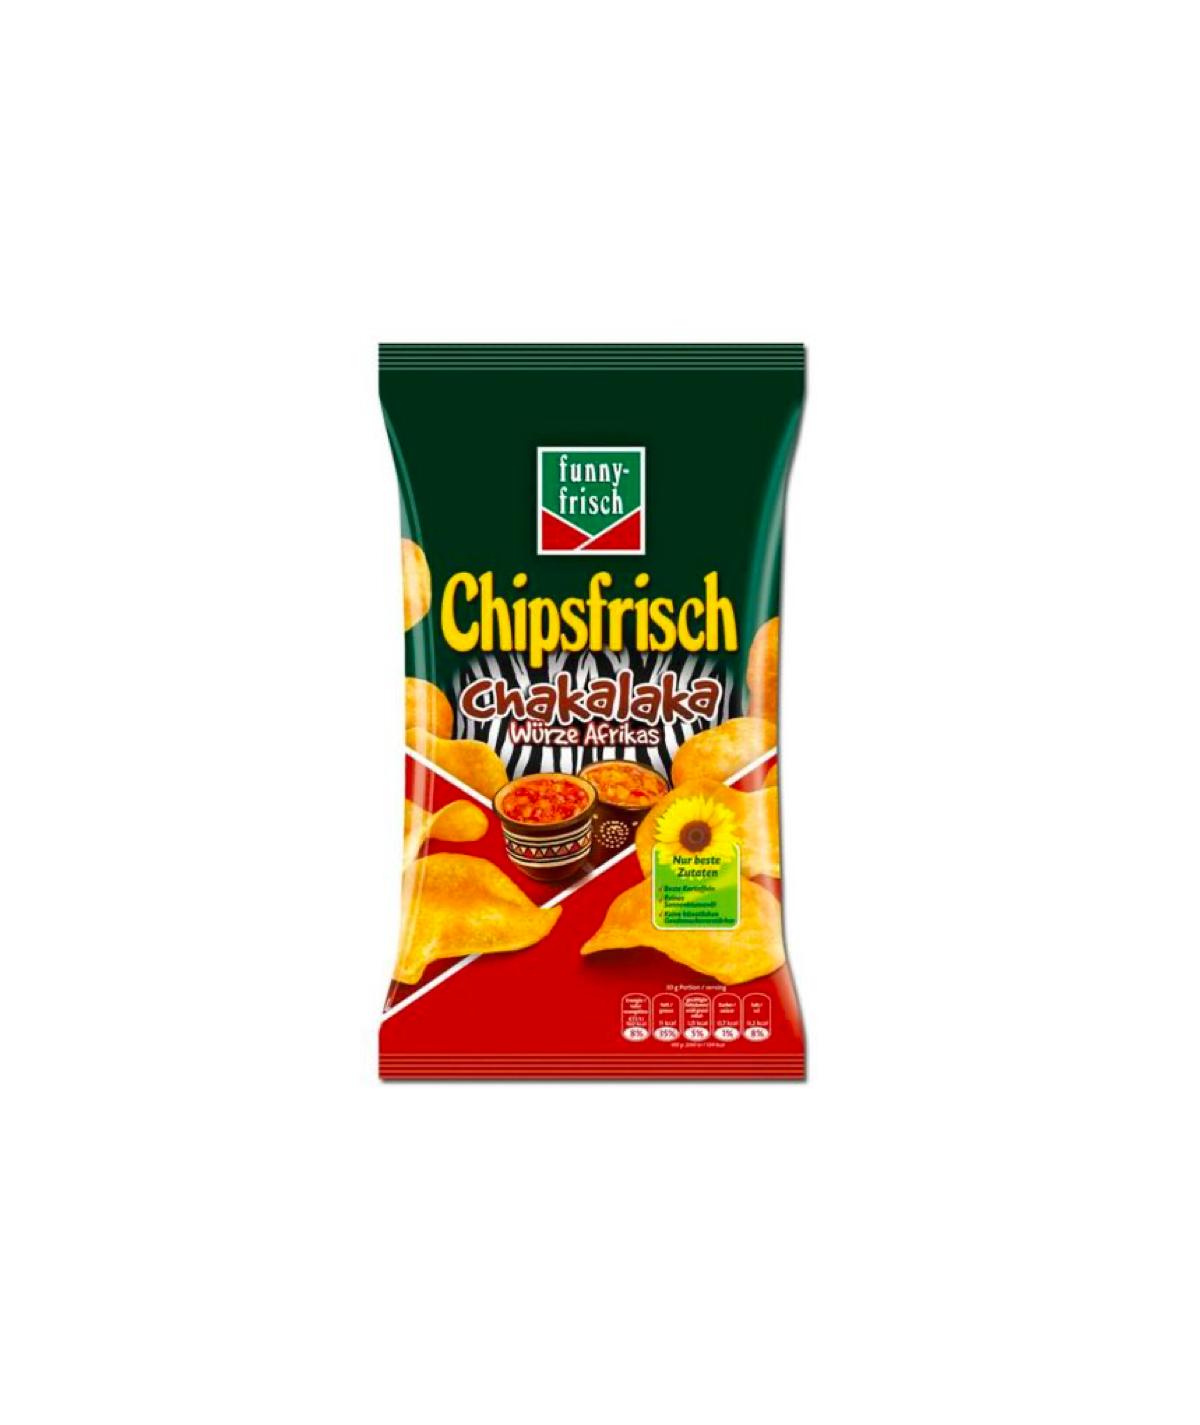 Funny-Frisch Chipsfrisch Chakalak 175 g